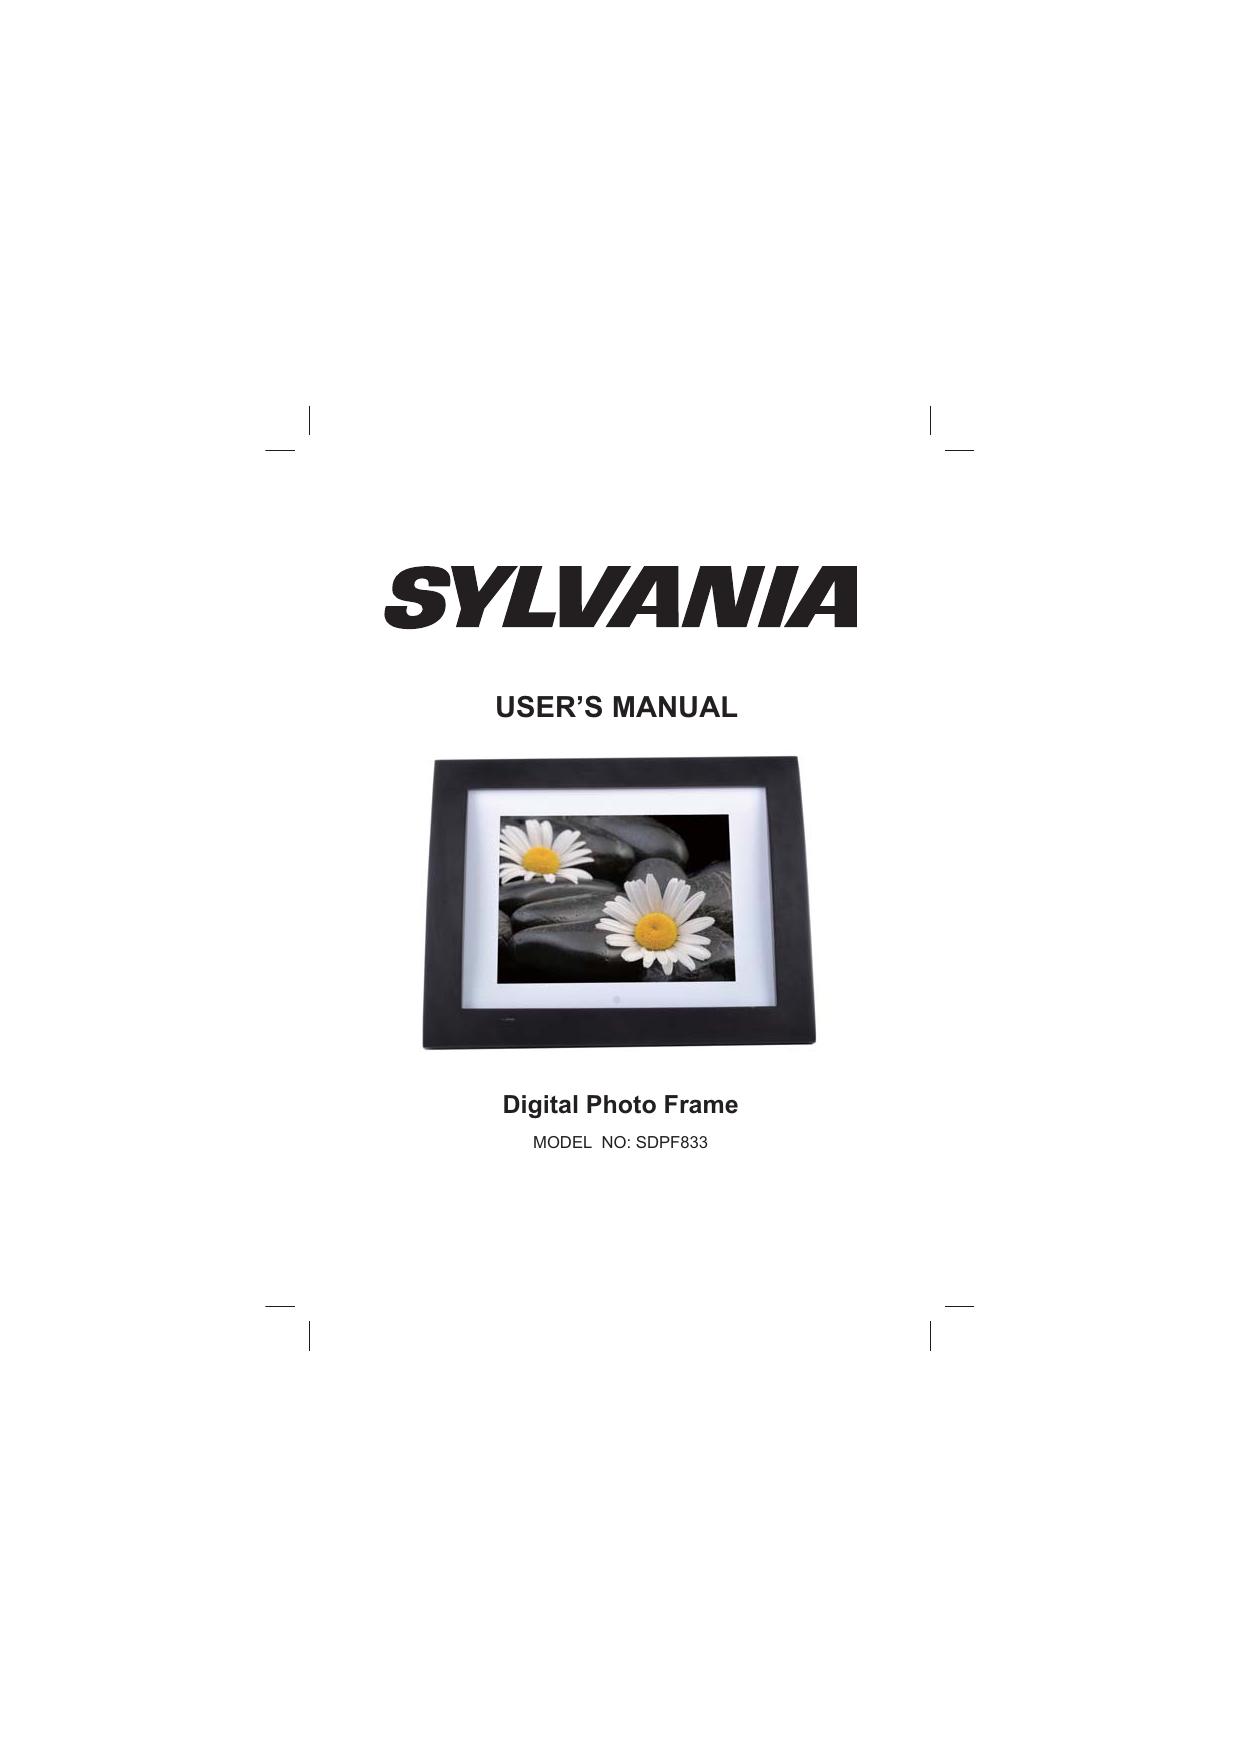 Sylvania SDPF833 Digital Photo Frame User Manual | manualzz.com